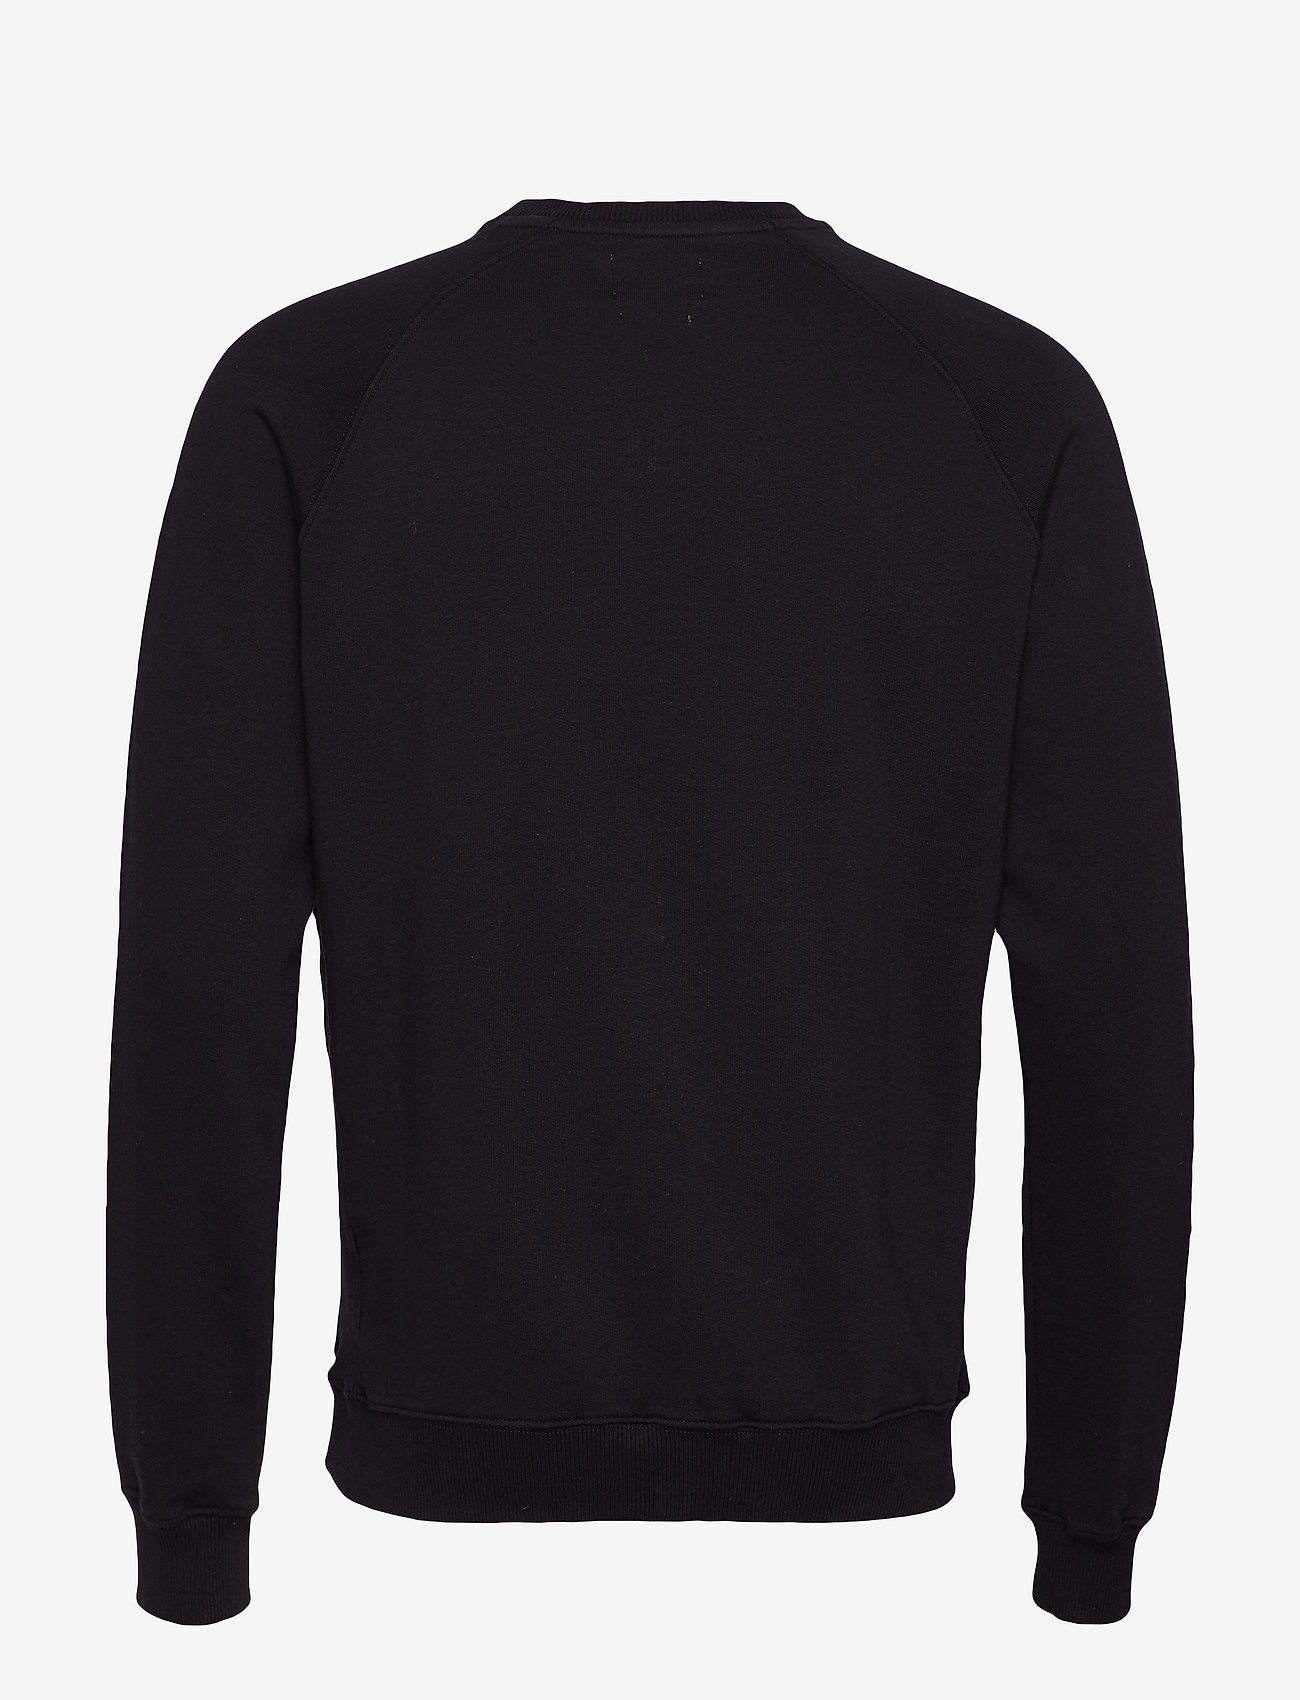 Forét Pine Sweatshirt - Knitwear